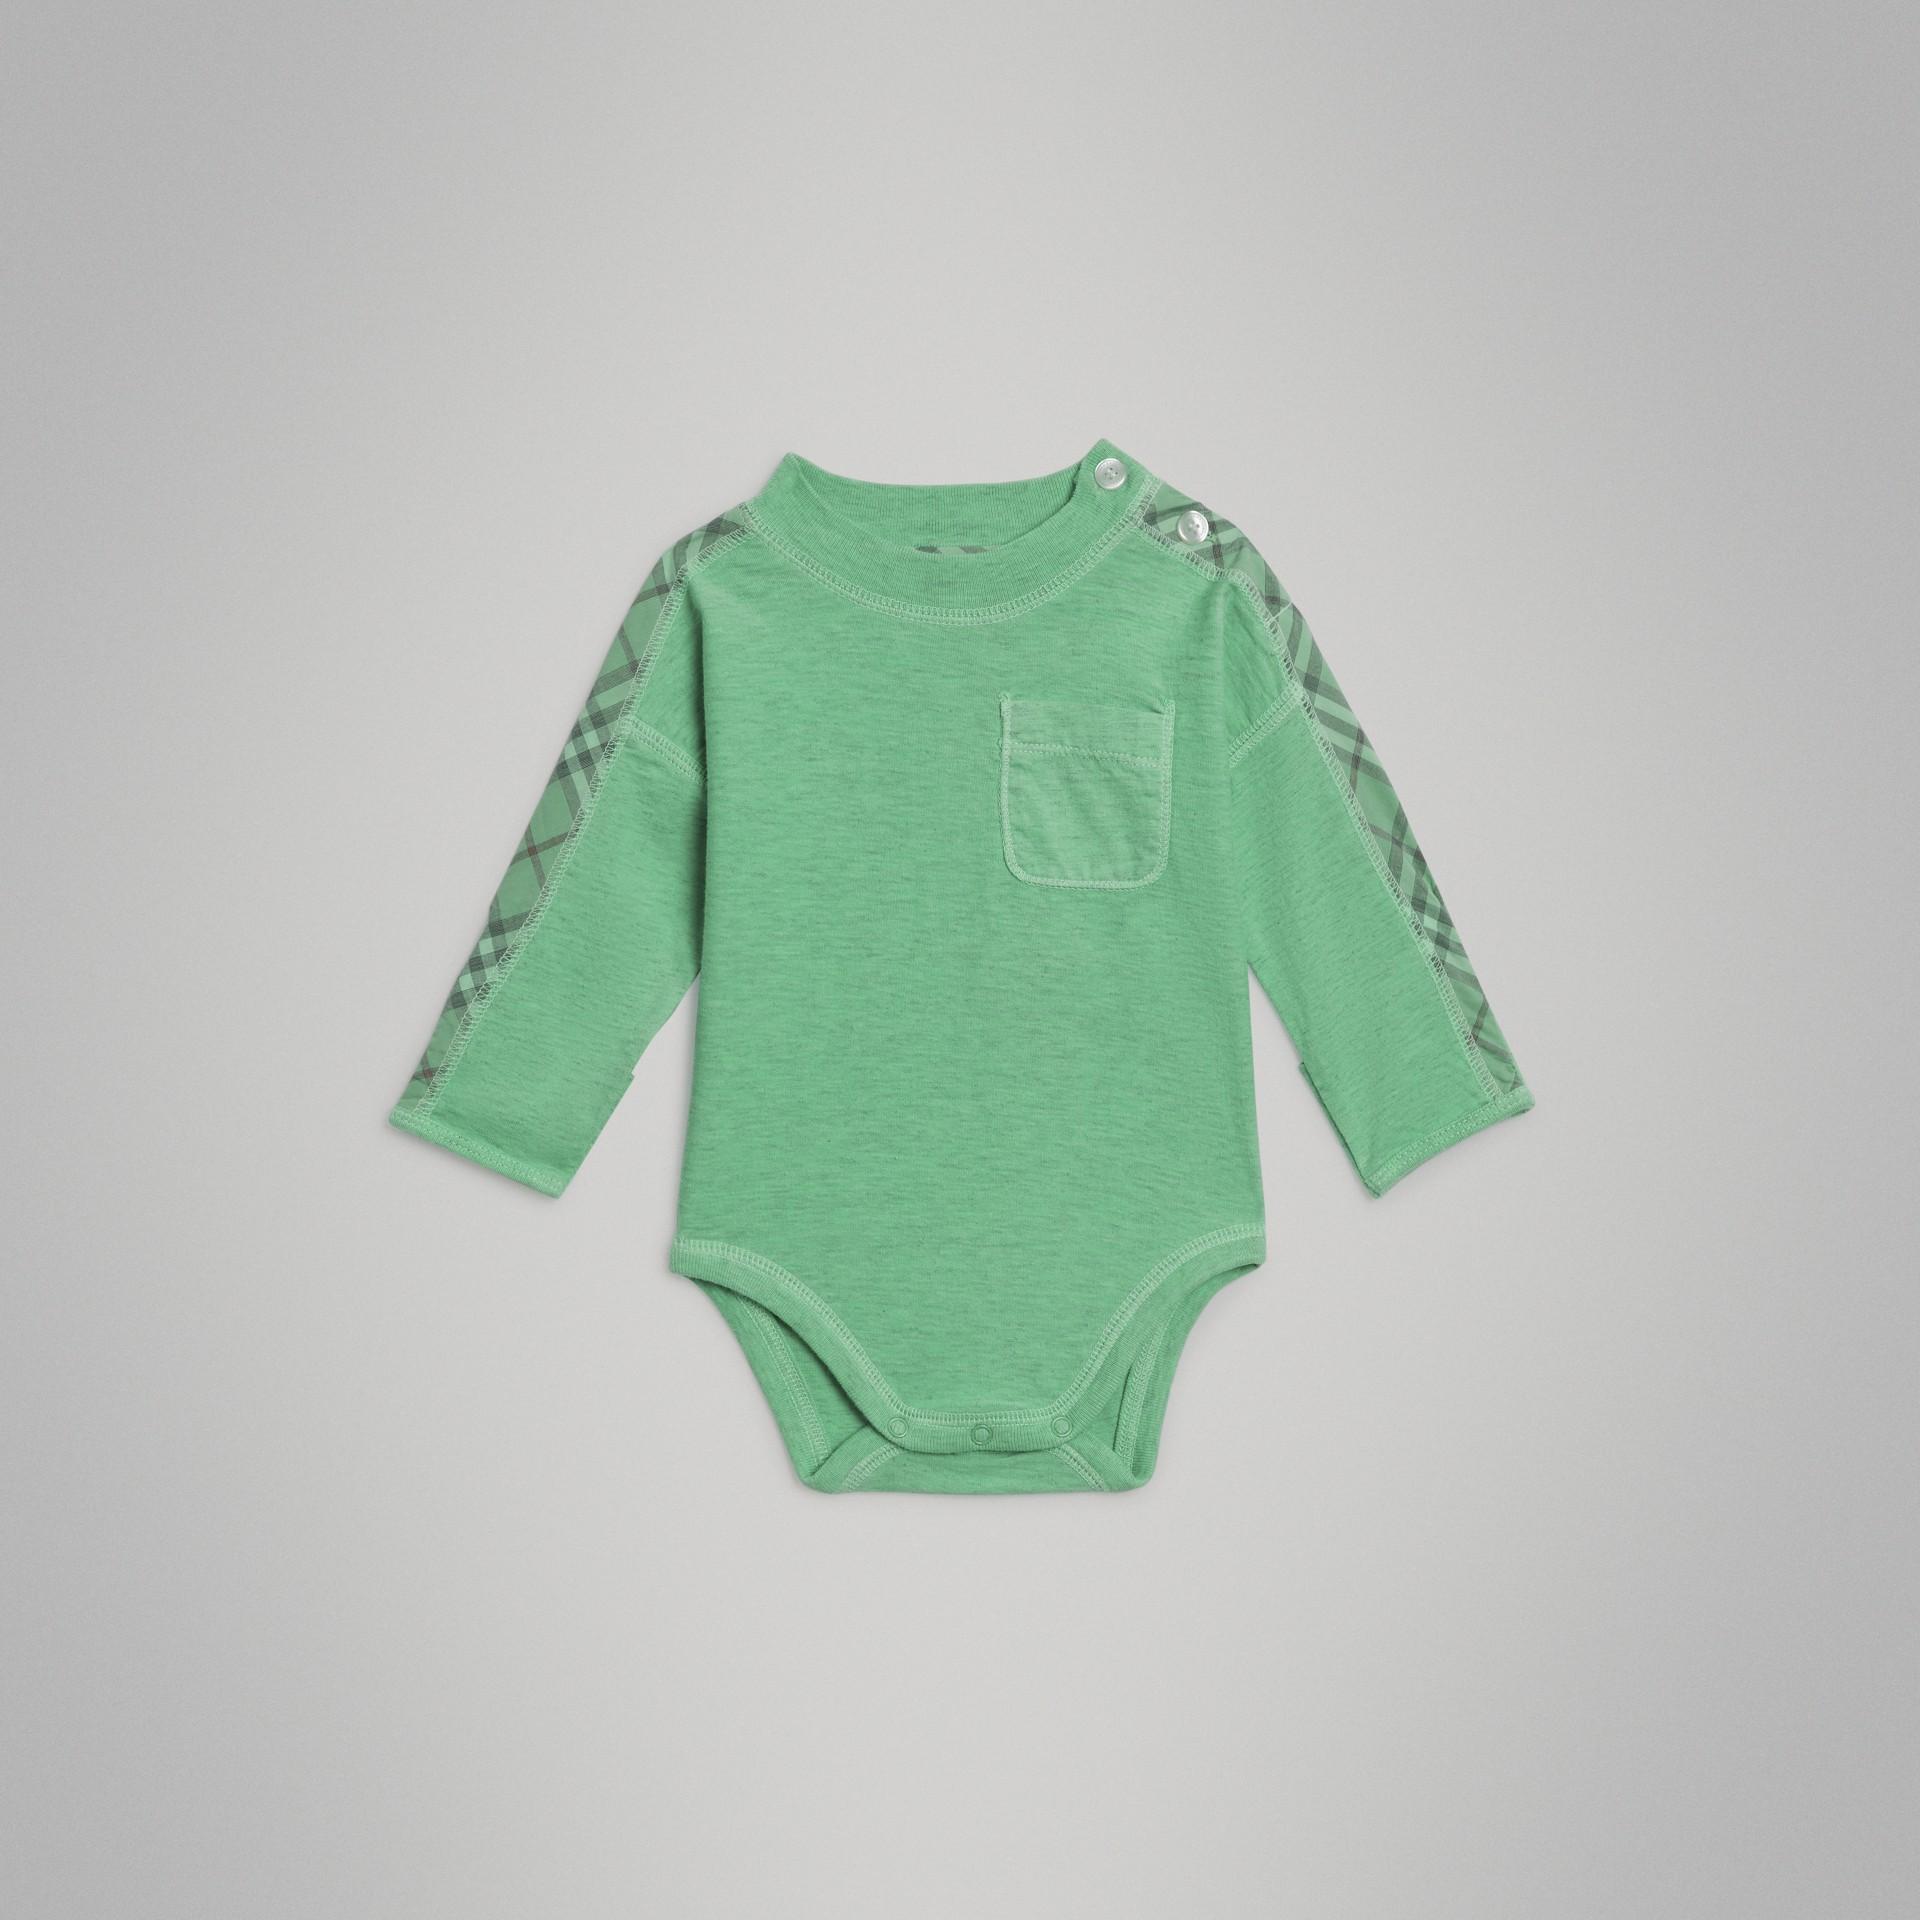 Gift set para bebê de três peças de algodão com detalhe xadrez (Multicolorido) - Crianças | Burberry - galeria de imagens 3